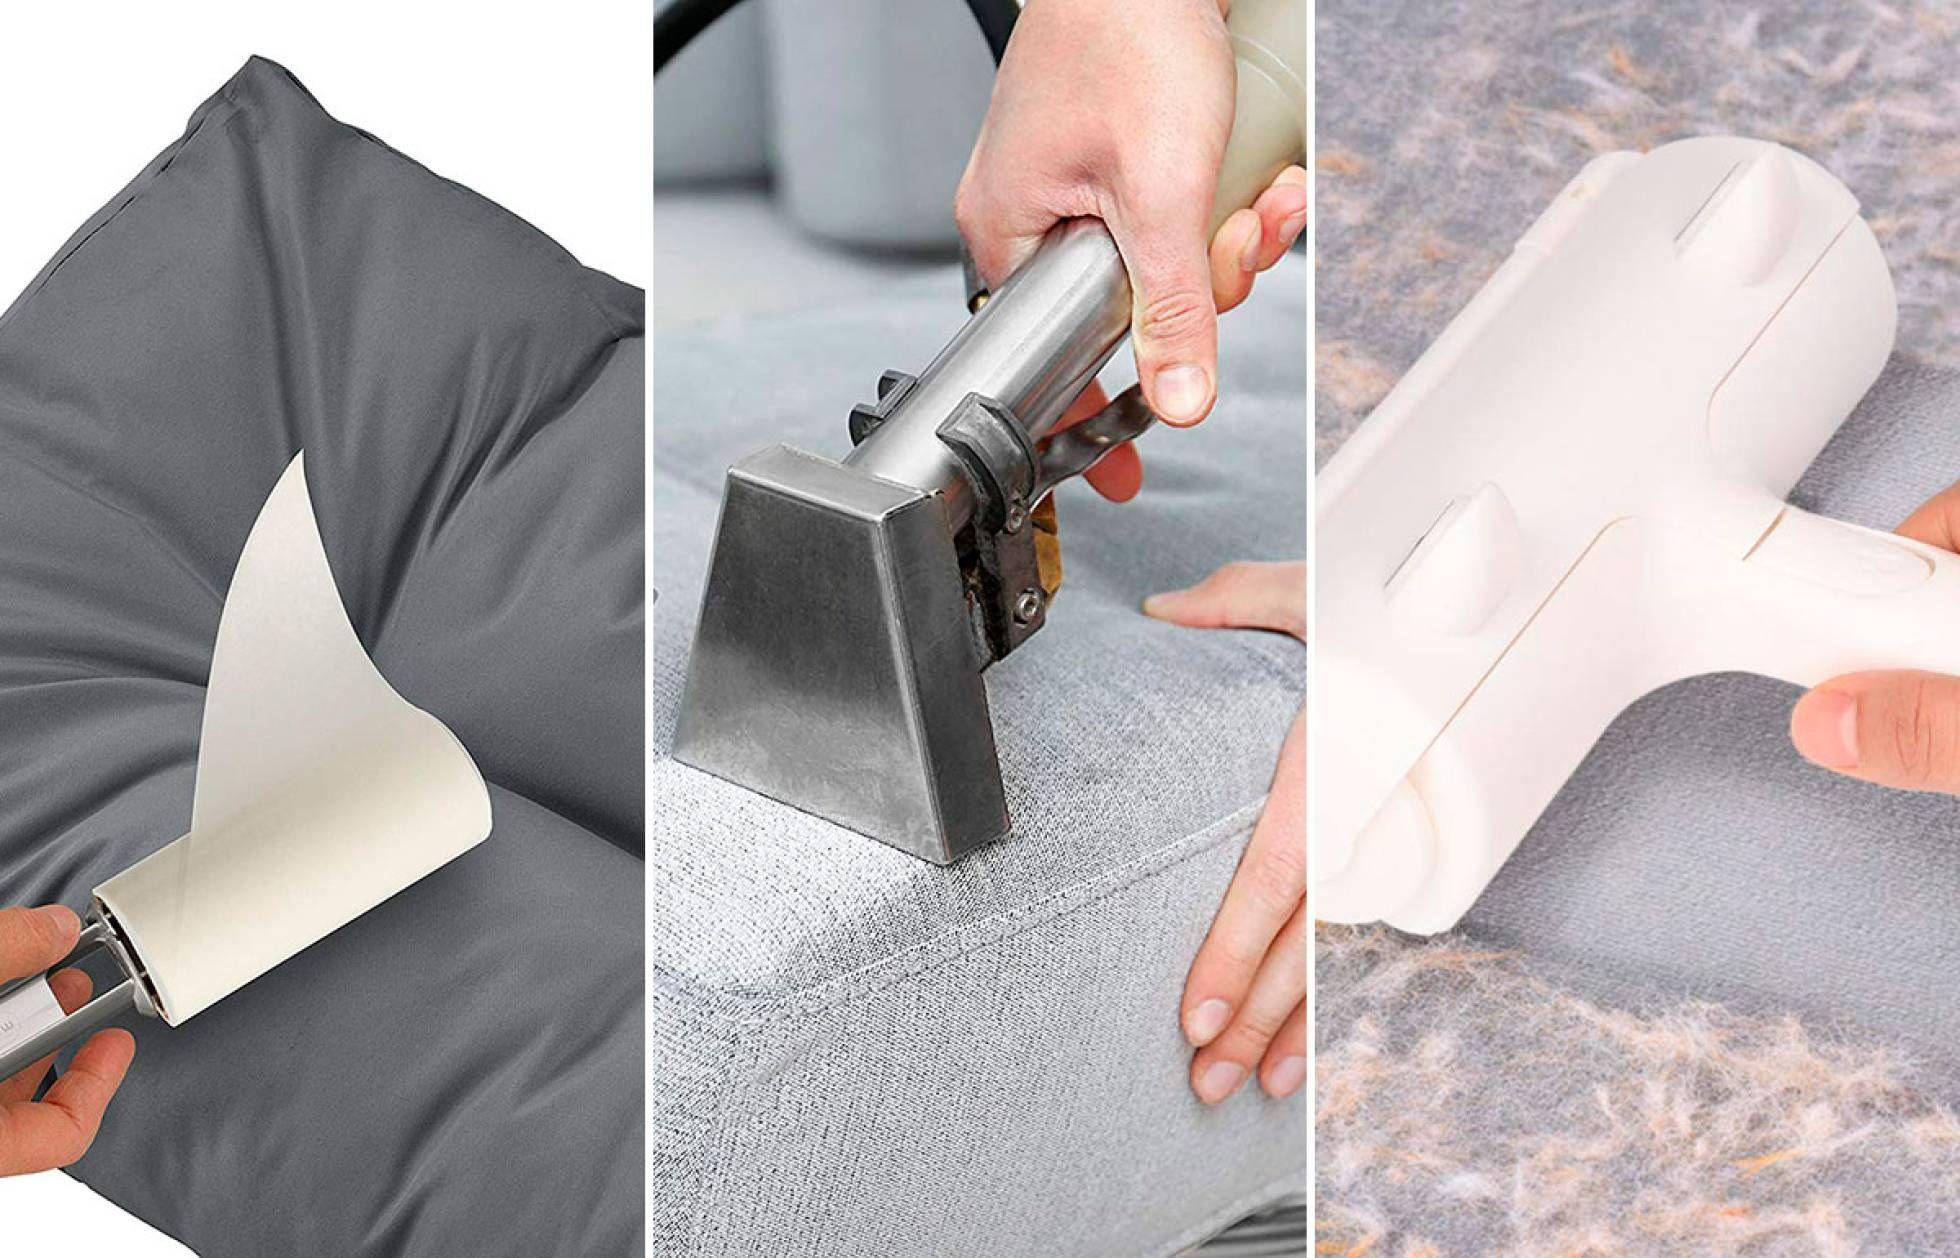 13 Articulos Para Limpiar El Sofa Las Alfombras Y Otros Textiles